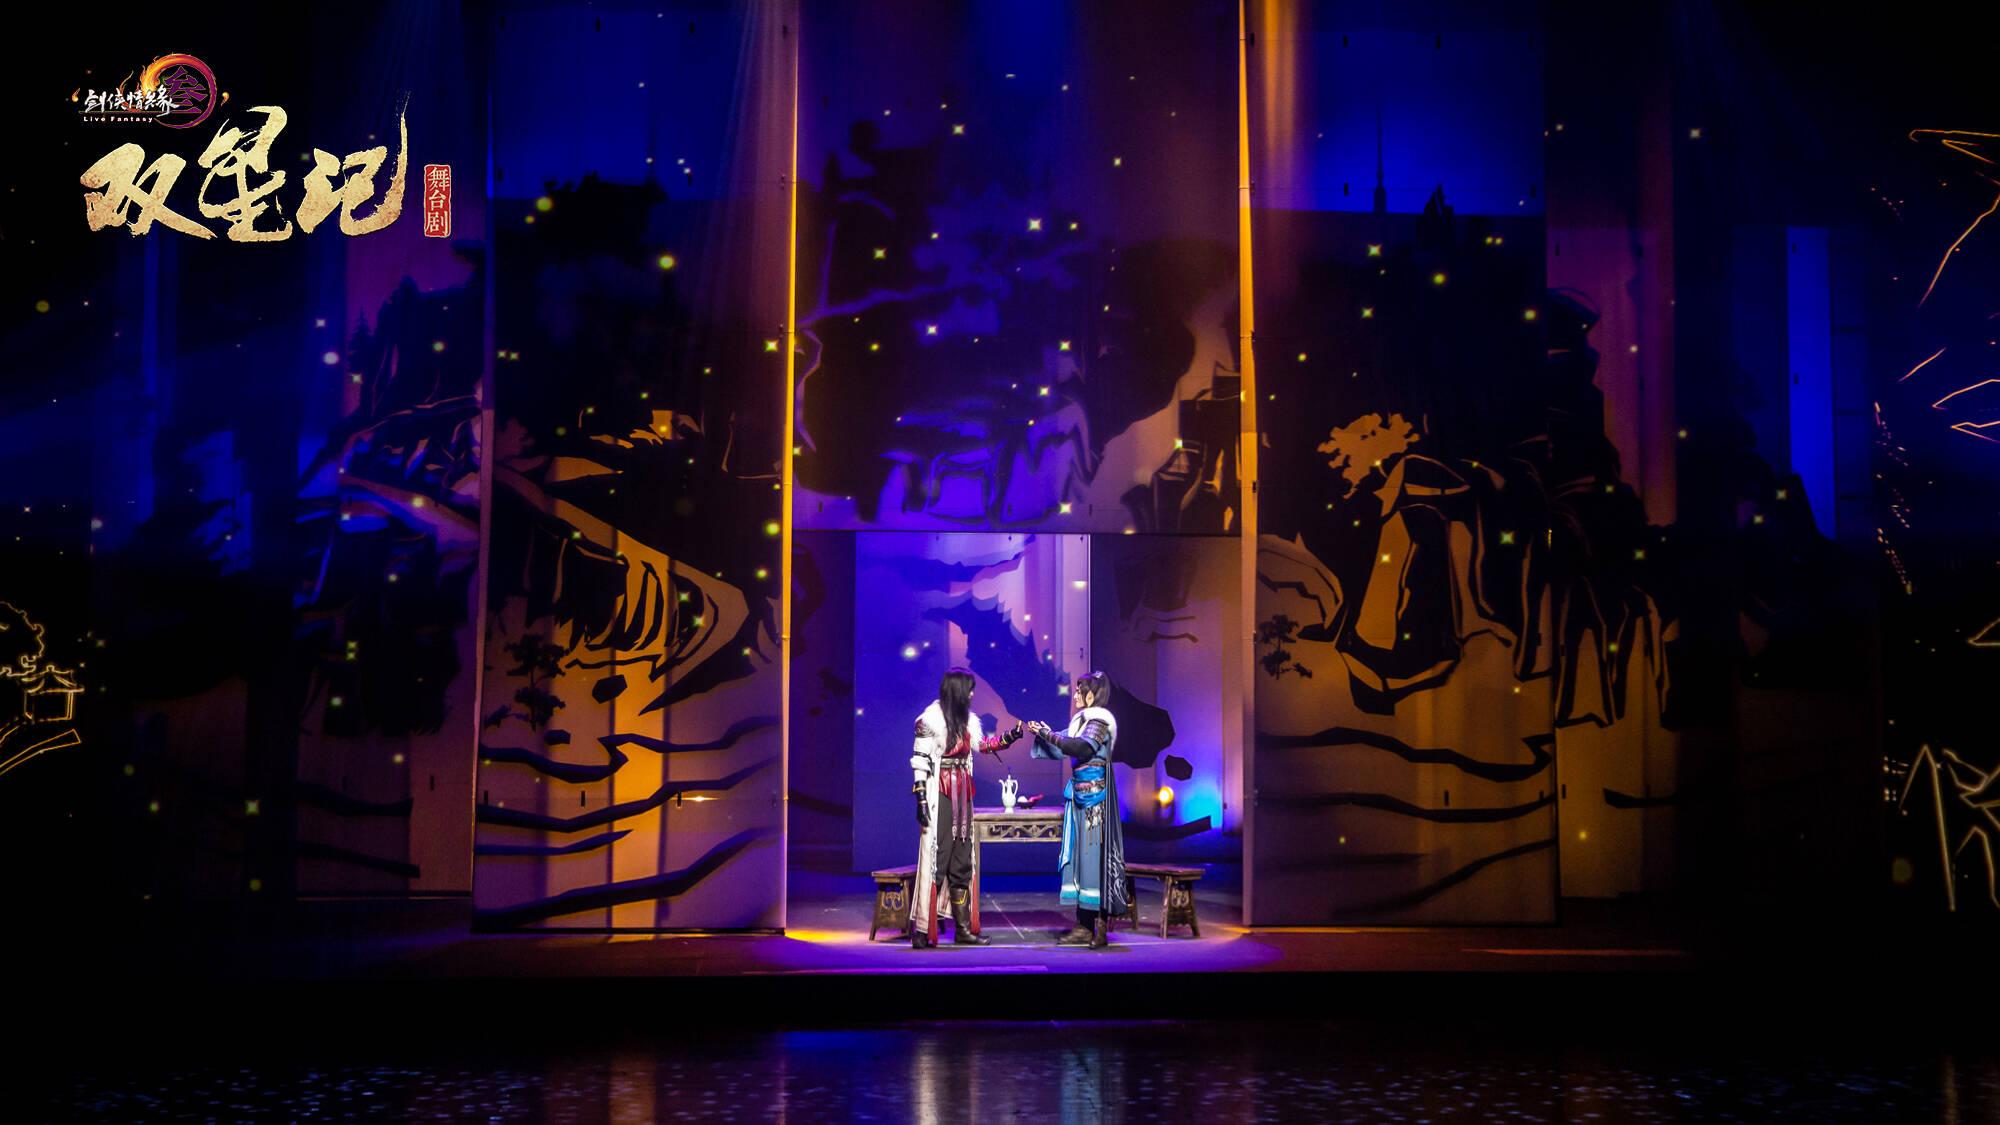 舞台剧巡演即将启程 《剑网3·双星记》巡演宣传片首曝 情报总局-第1张